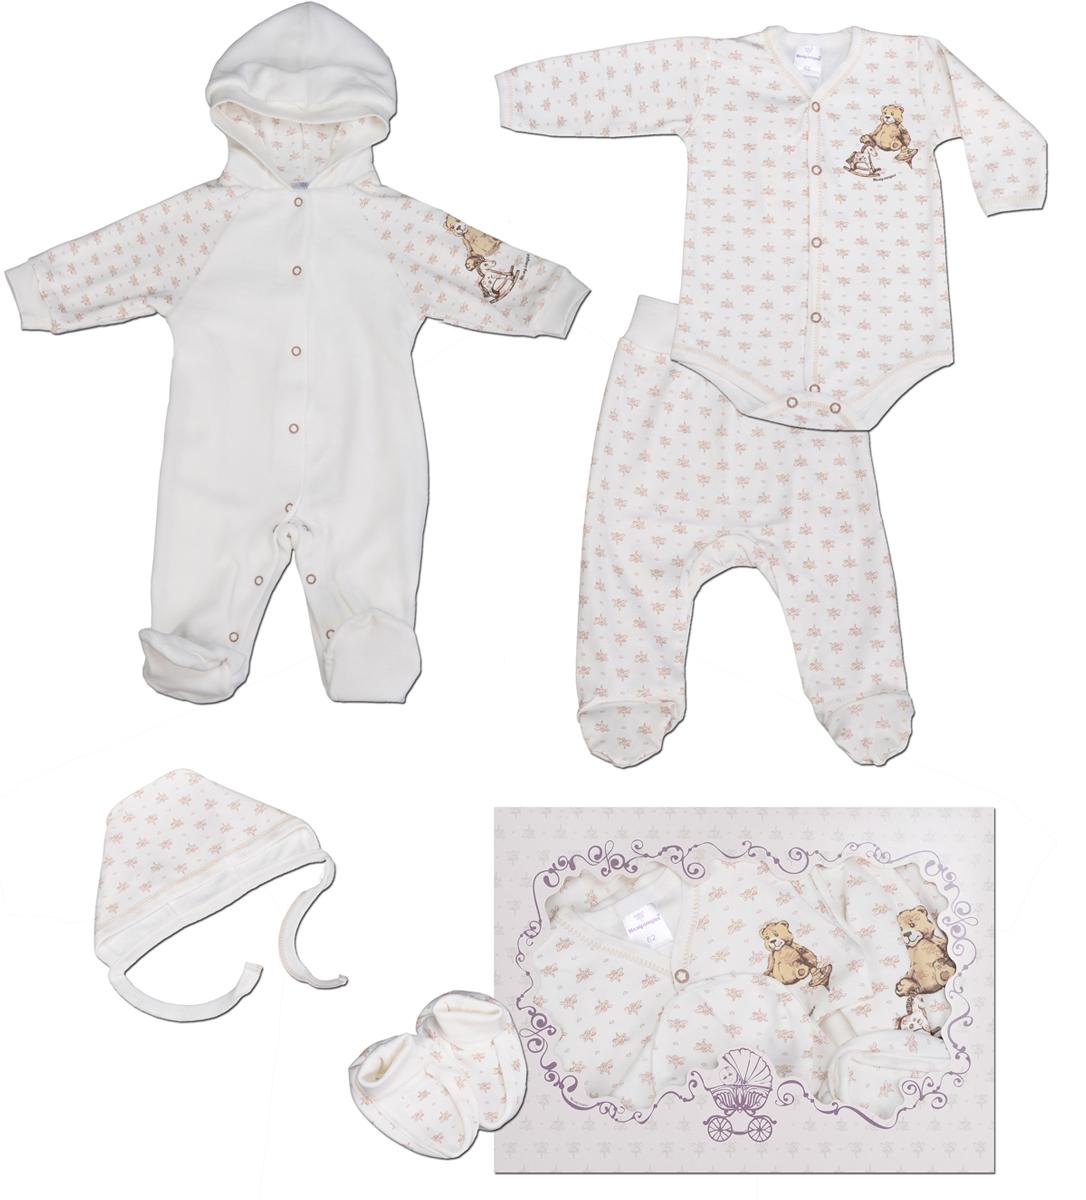 Комплект одежды детский Мамуляндия, цвет: бежевый, 5 предметов. 15-5003П. Размер 62